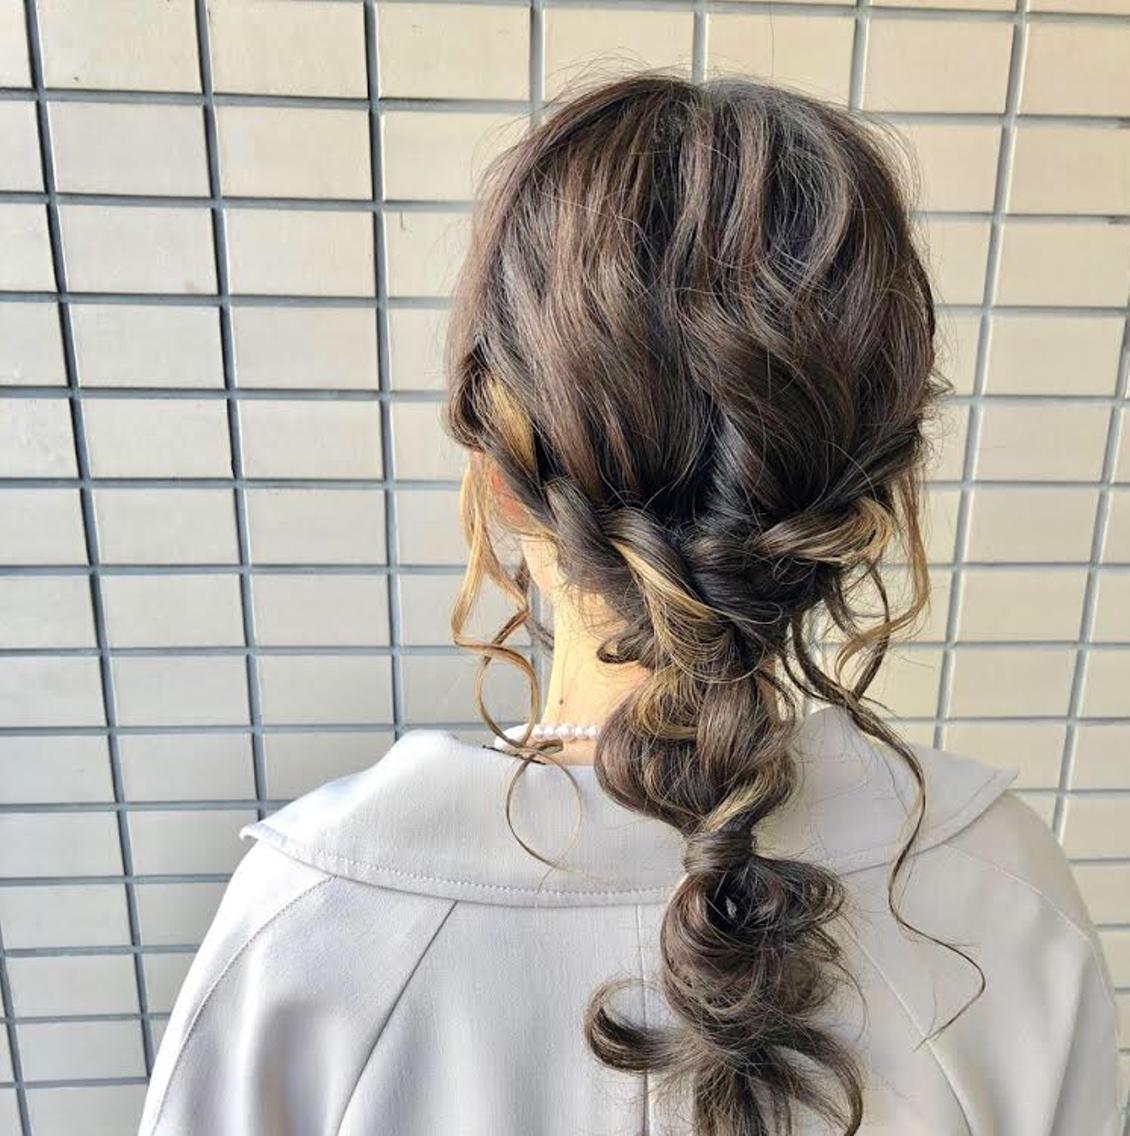 ⭐前髪カット無料⭐お気に入り全国トップクラス、当日OK⭐.希望に沿って、素敵な提案をさせて頂きます⭐必ず可愛く、カッコ良くしてみせます!!!